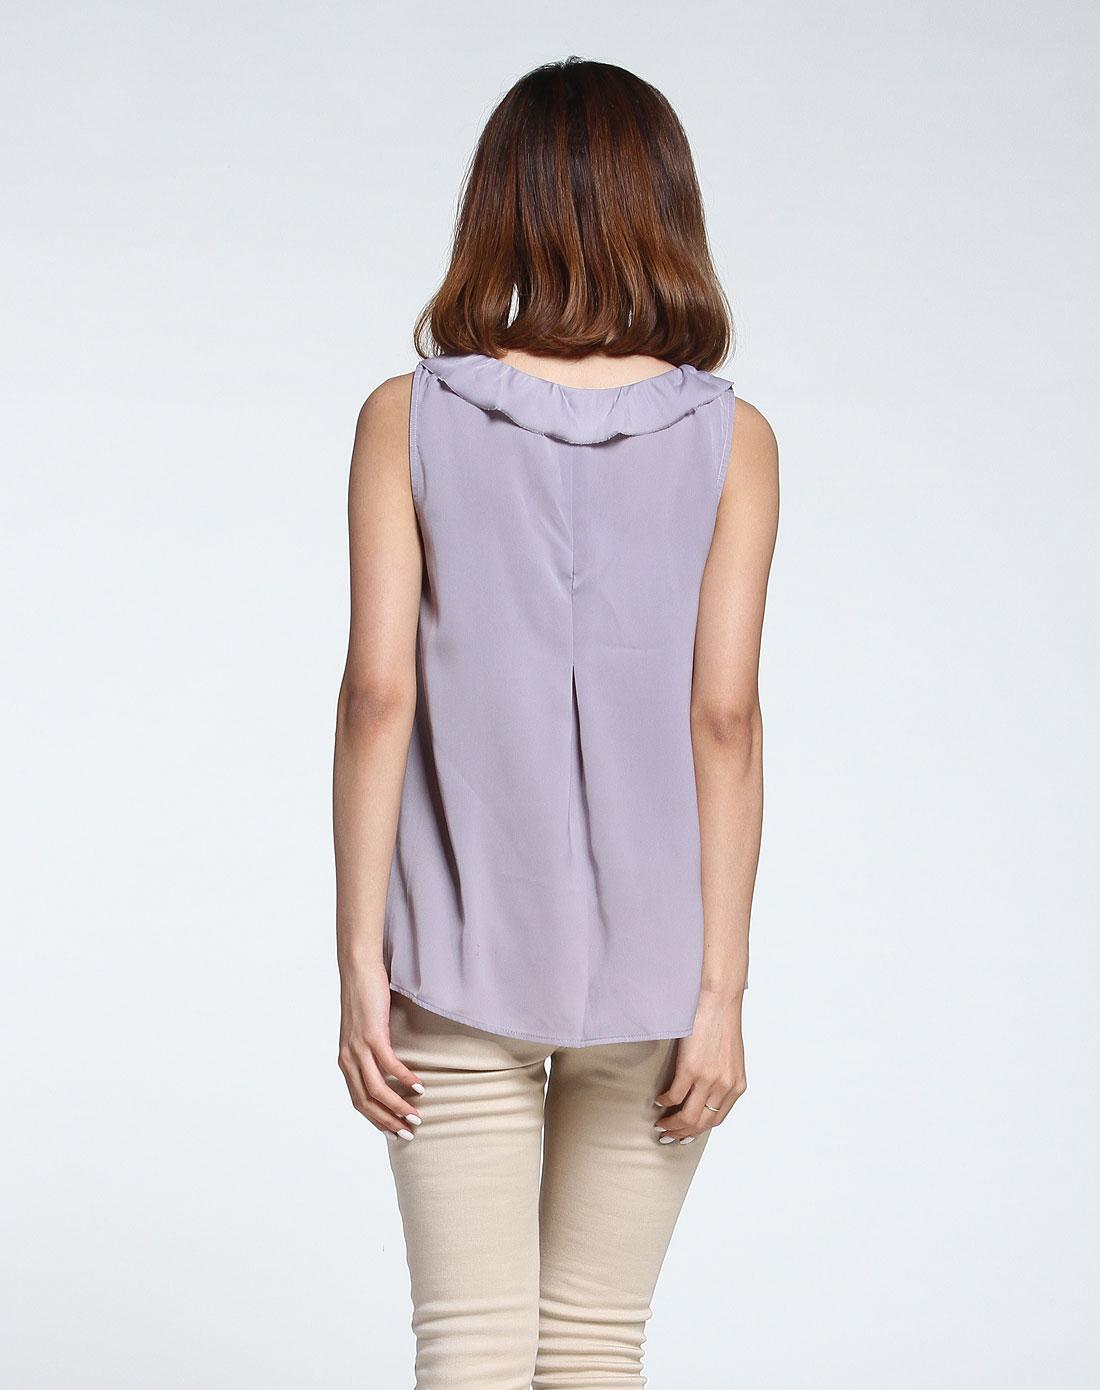 无袖跺(h��ފ9_灰紫色绣花优雅无袖衬衫